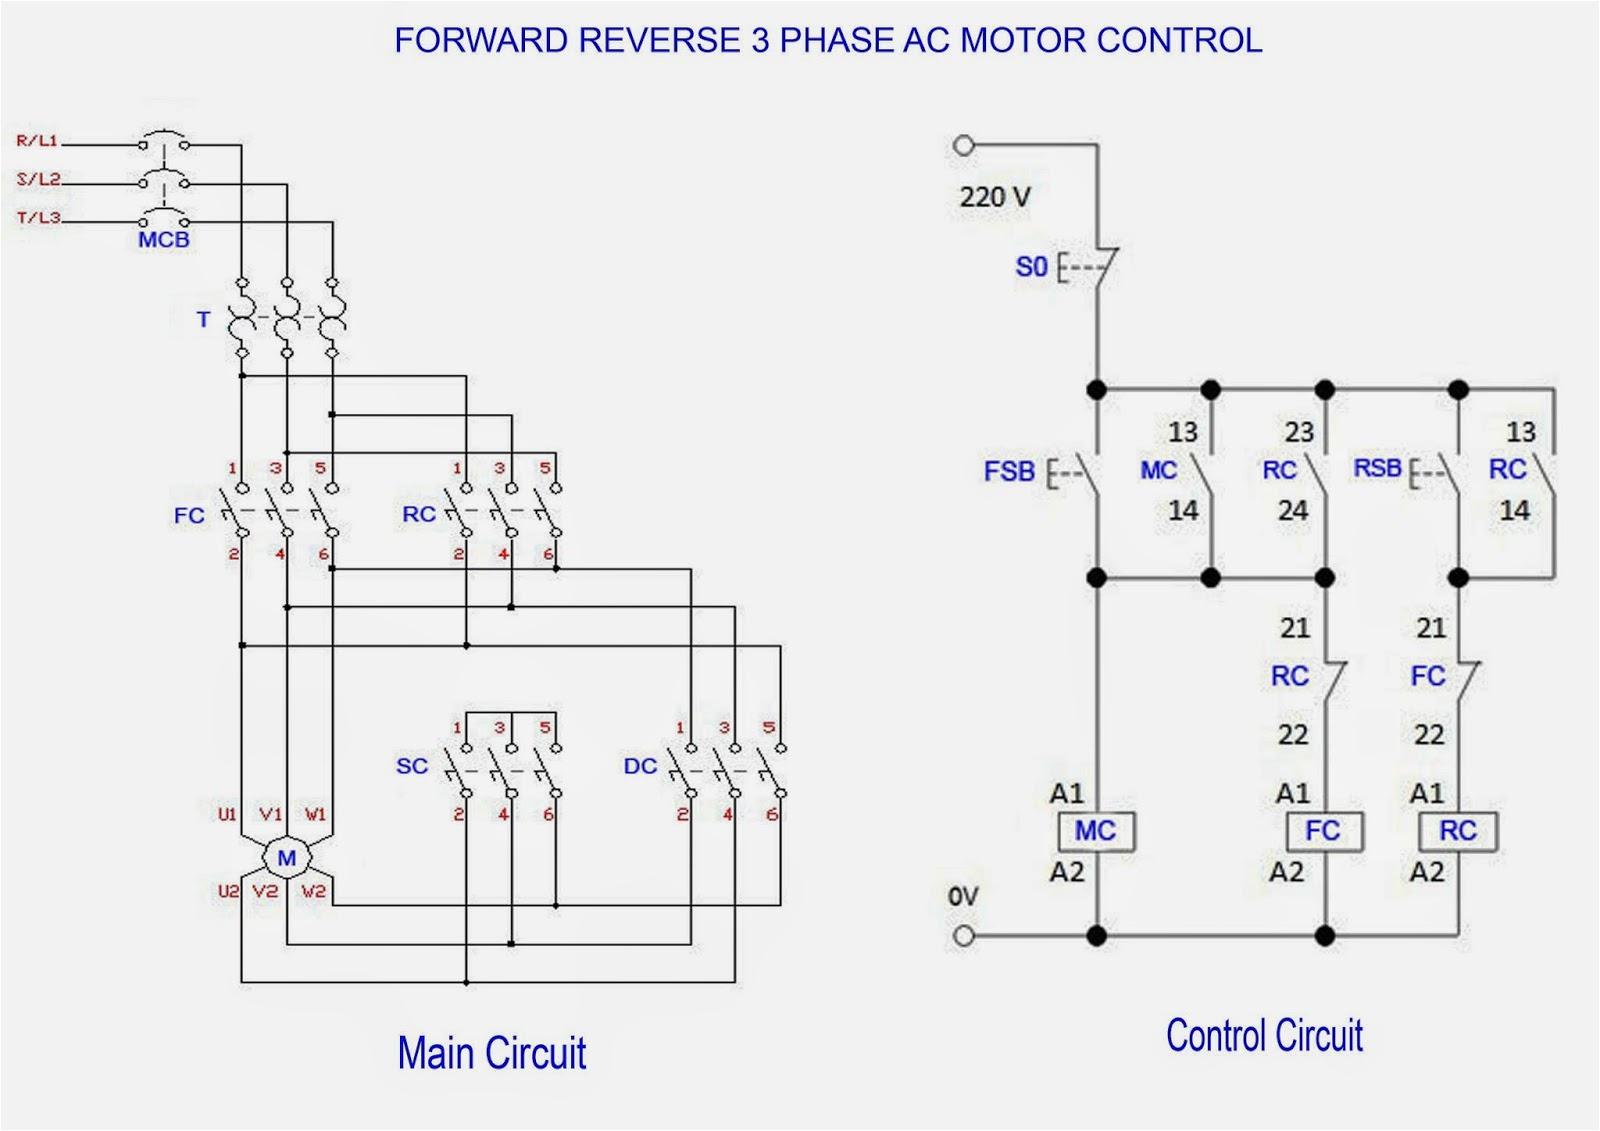 Basic Motor Control Wiring Diagram asco Wiring Diagram Motor Control Wiring Diagram Perfomance